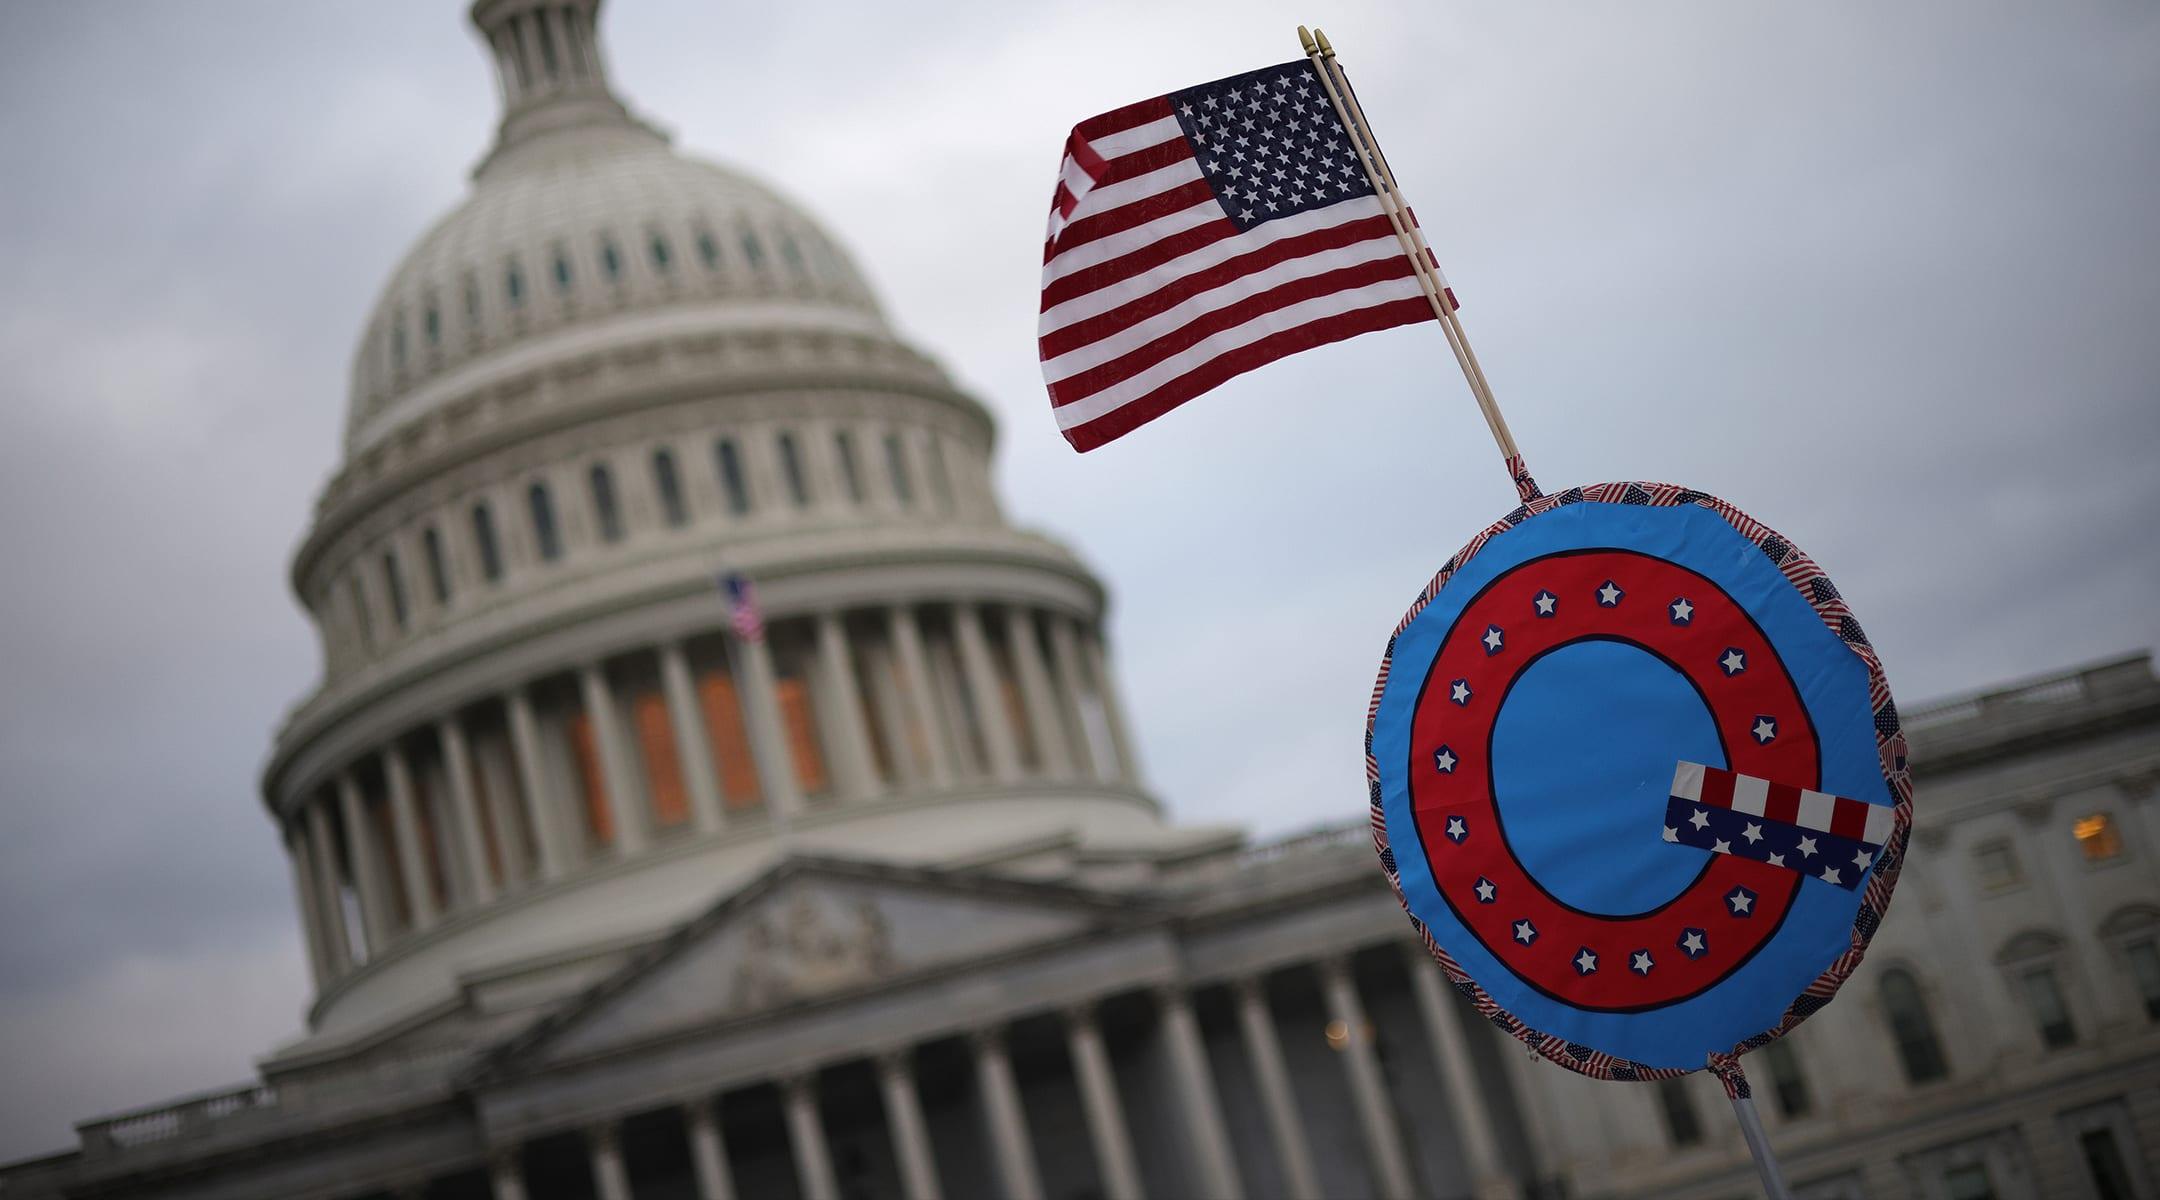 דגל של קיו-אנון (צילום: Win McNamee/Getty Images/JTA)